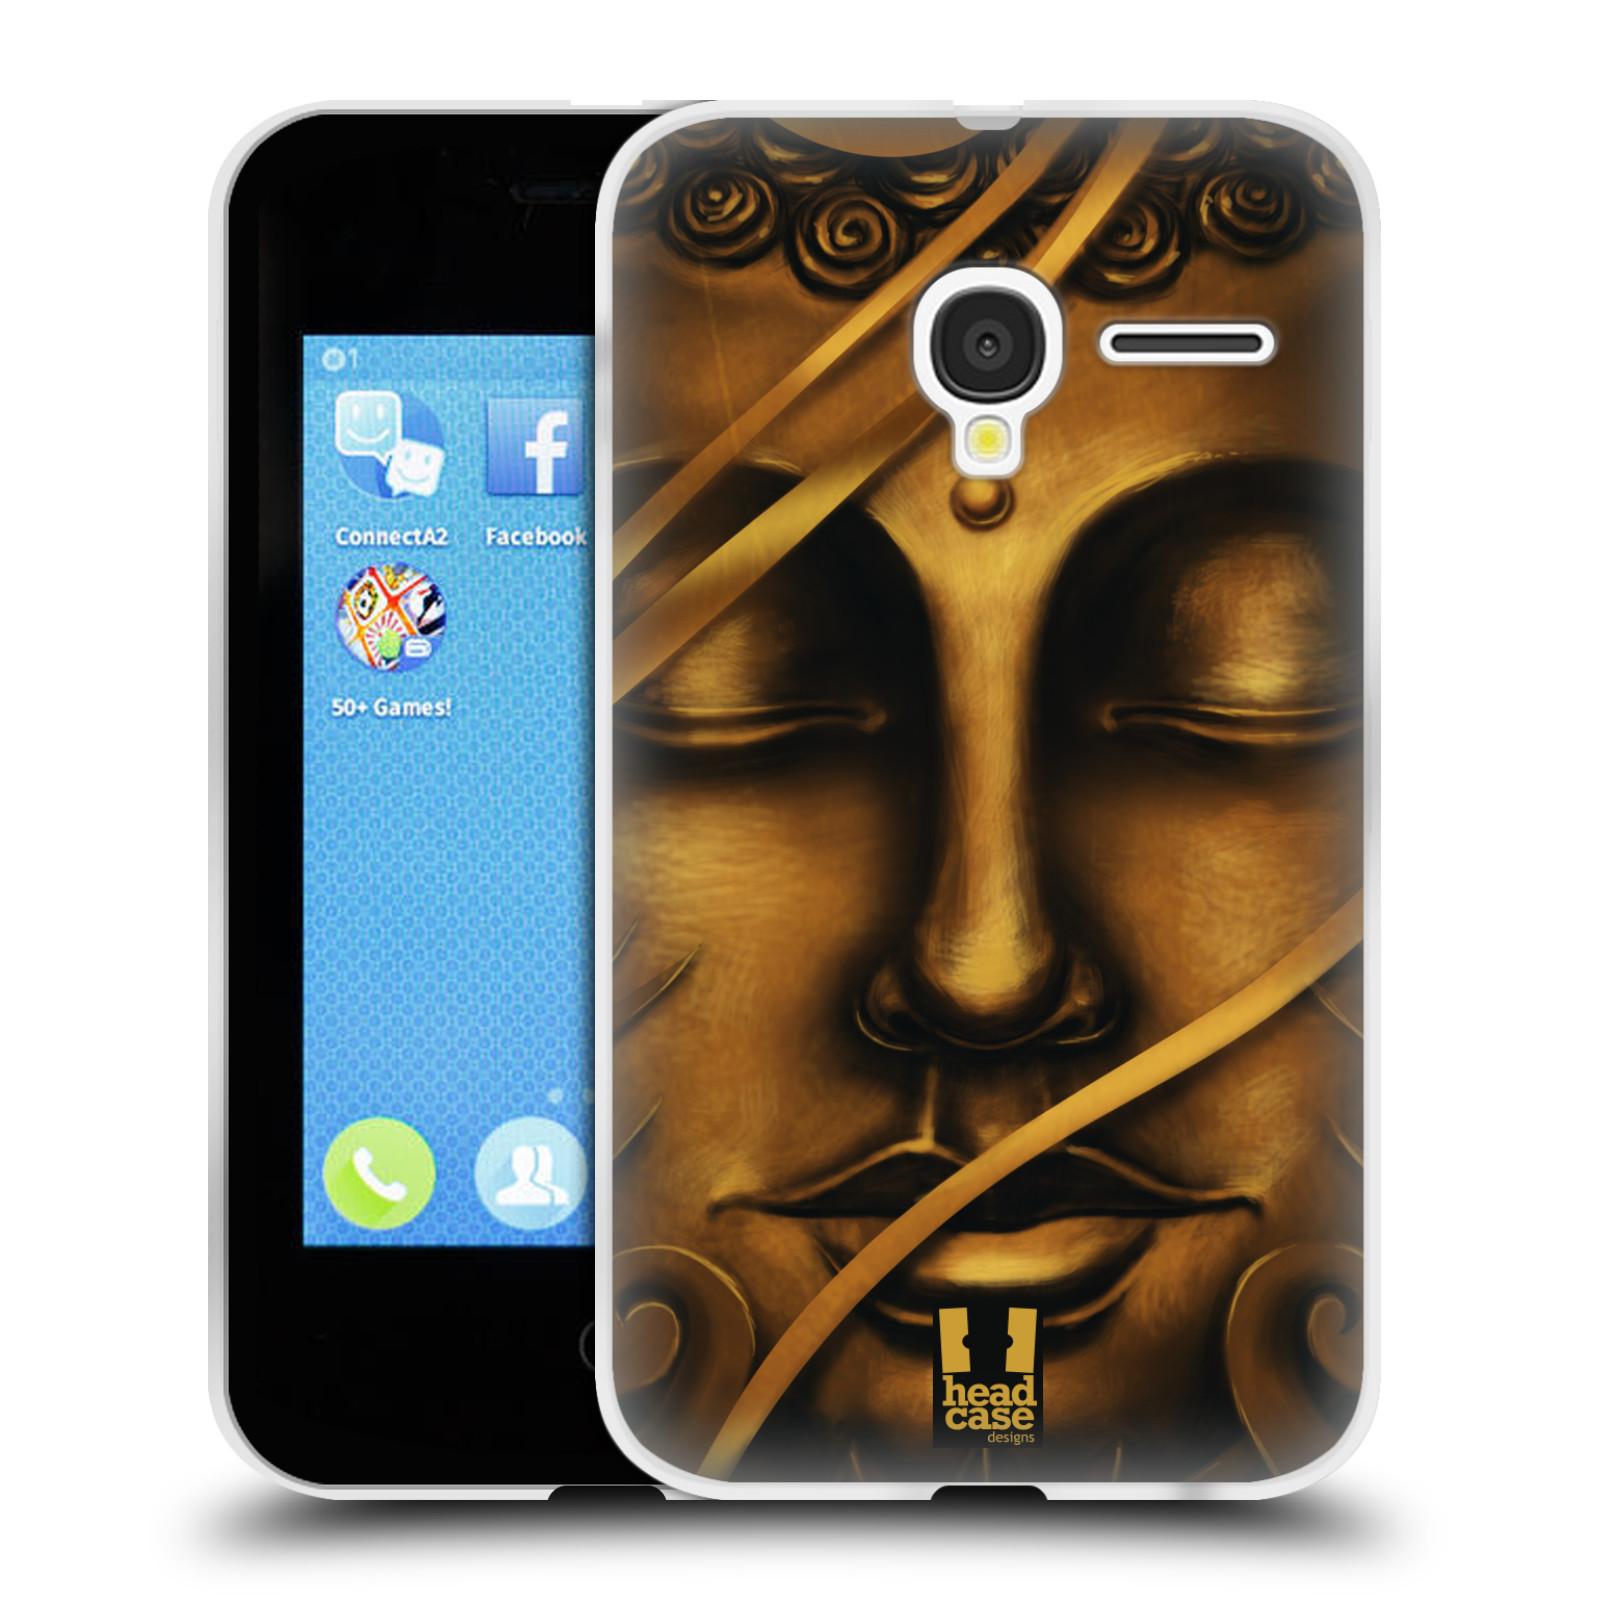 HEAD CASE silikonový obal na mobil Alcatel PIXI 3 OT-4022D (3,5 palcový displej) vzor BUDDHA ZLATÝ BUDHA